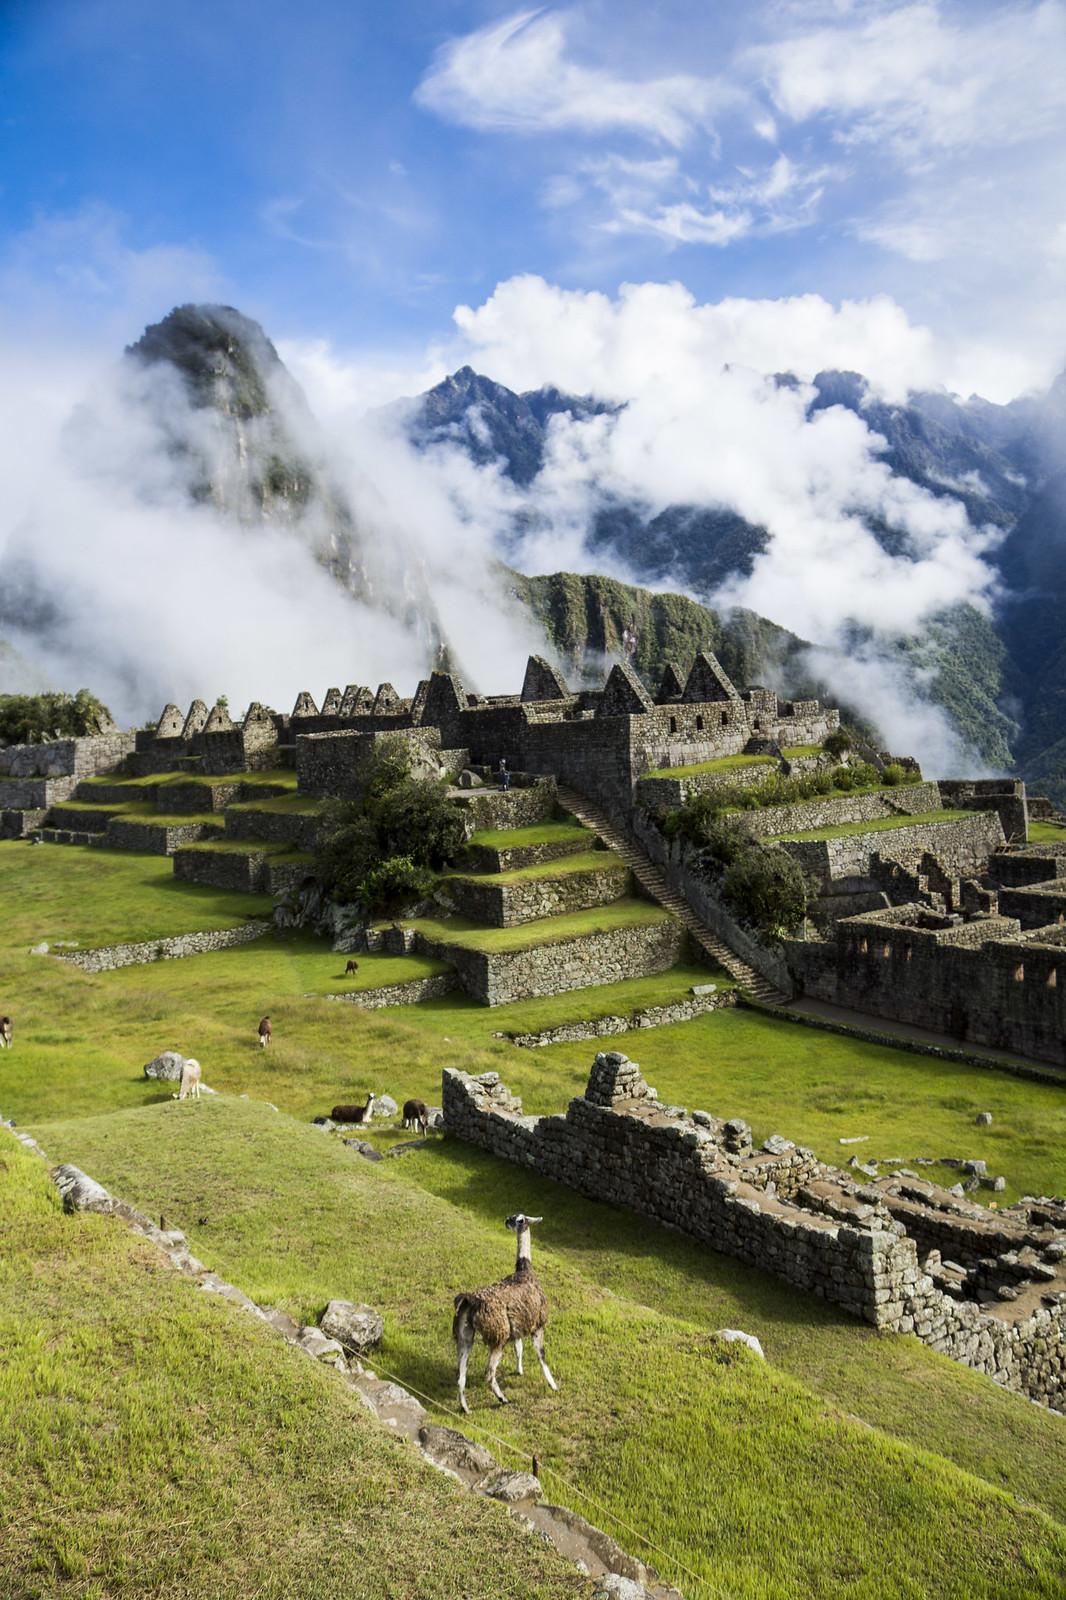 Machu Picchu Up In The Clouds